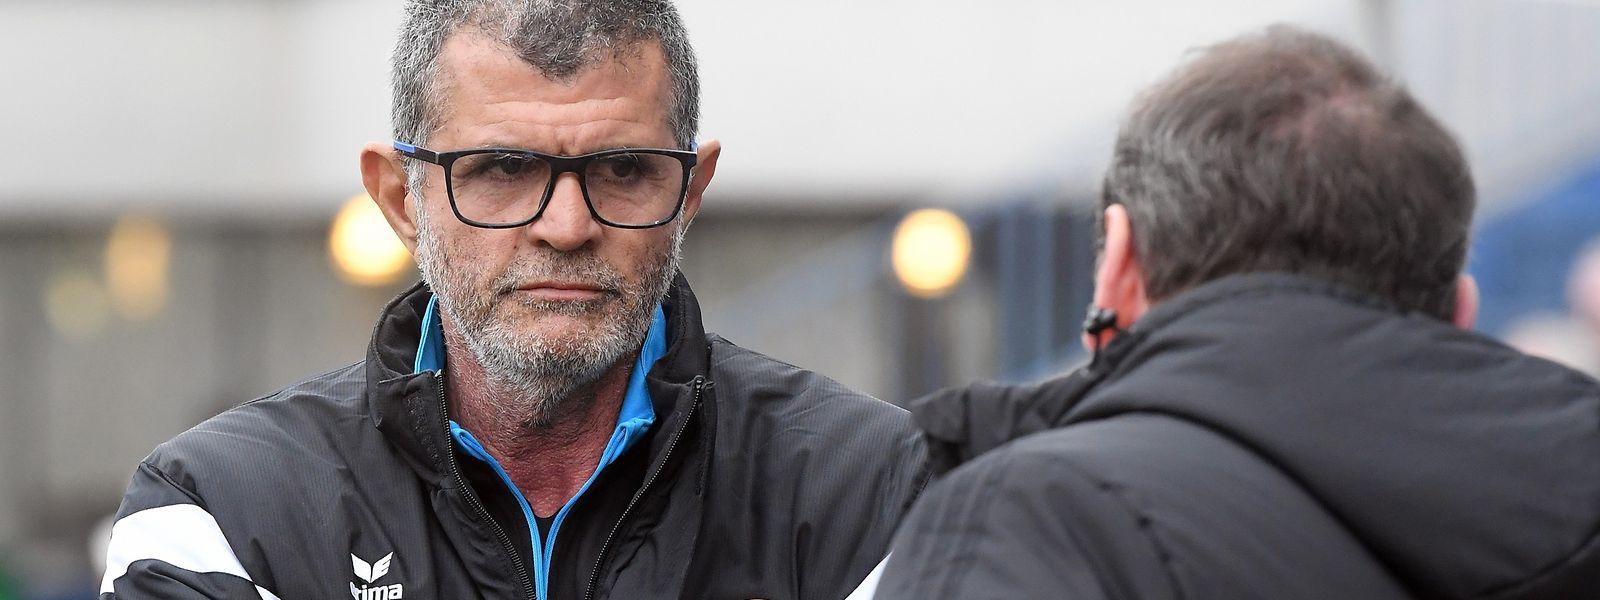 Baltemar Brito ist nicht mehr Coach bei Titus Petingen.